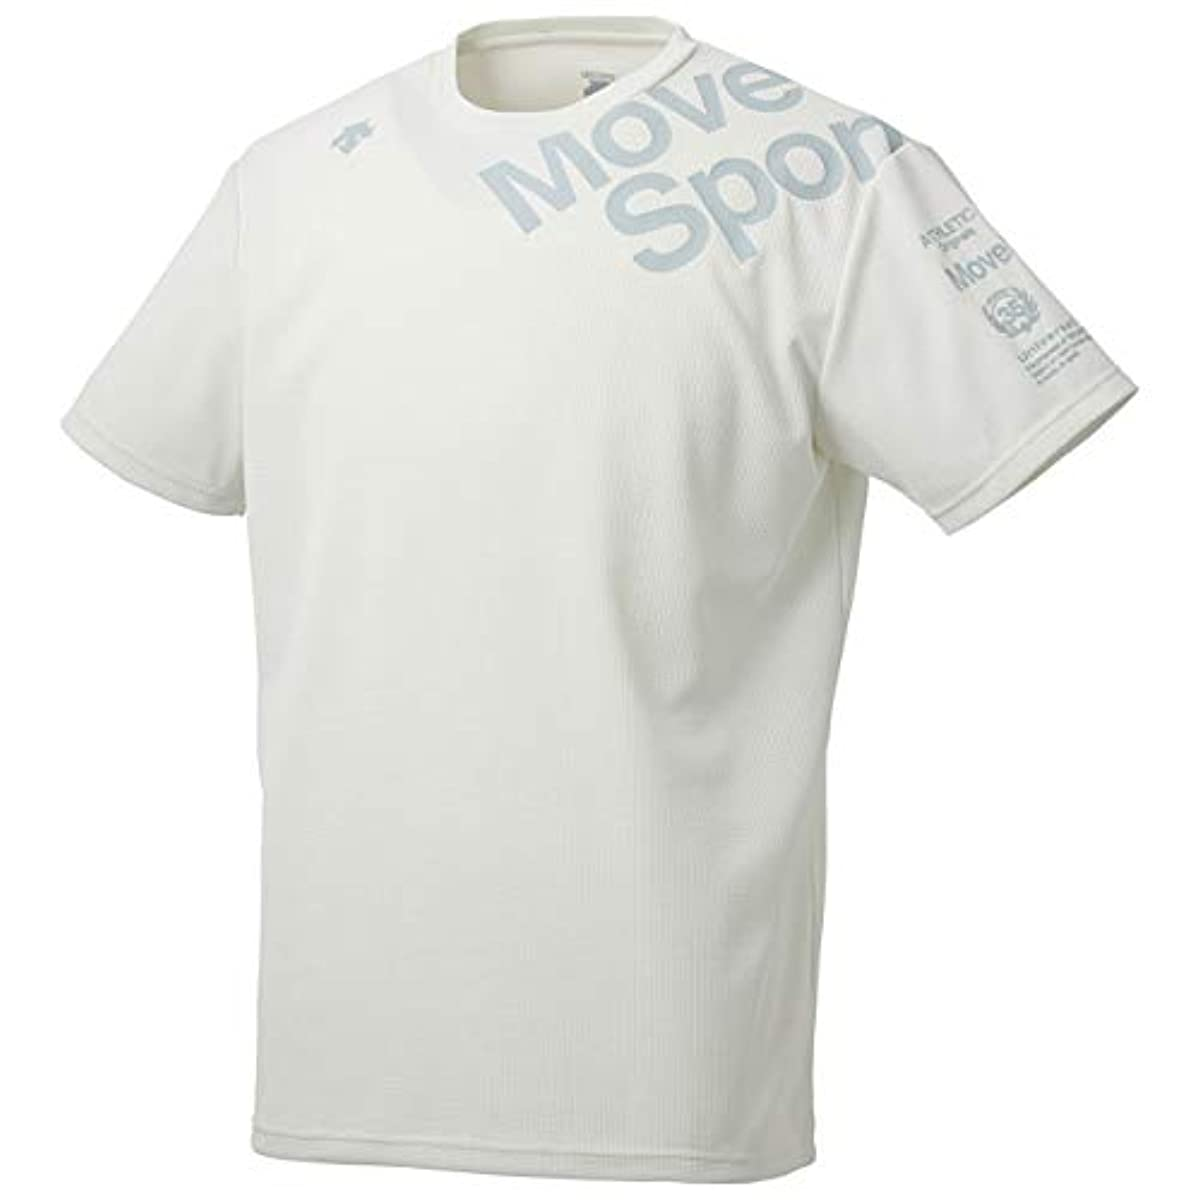 [해외] 데상트 Quattro콰트로센사한소데T셔츠 Quattro콰트로센사 반소매T셔츠 흡한 속건 고속 소취흡방습 UV컷UPF 맨즈 WH 일본 일본 사이즈2L상당